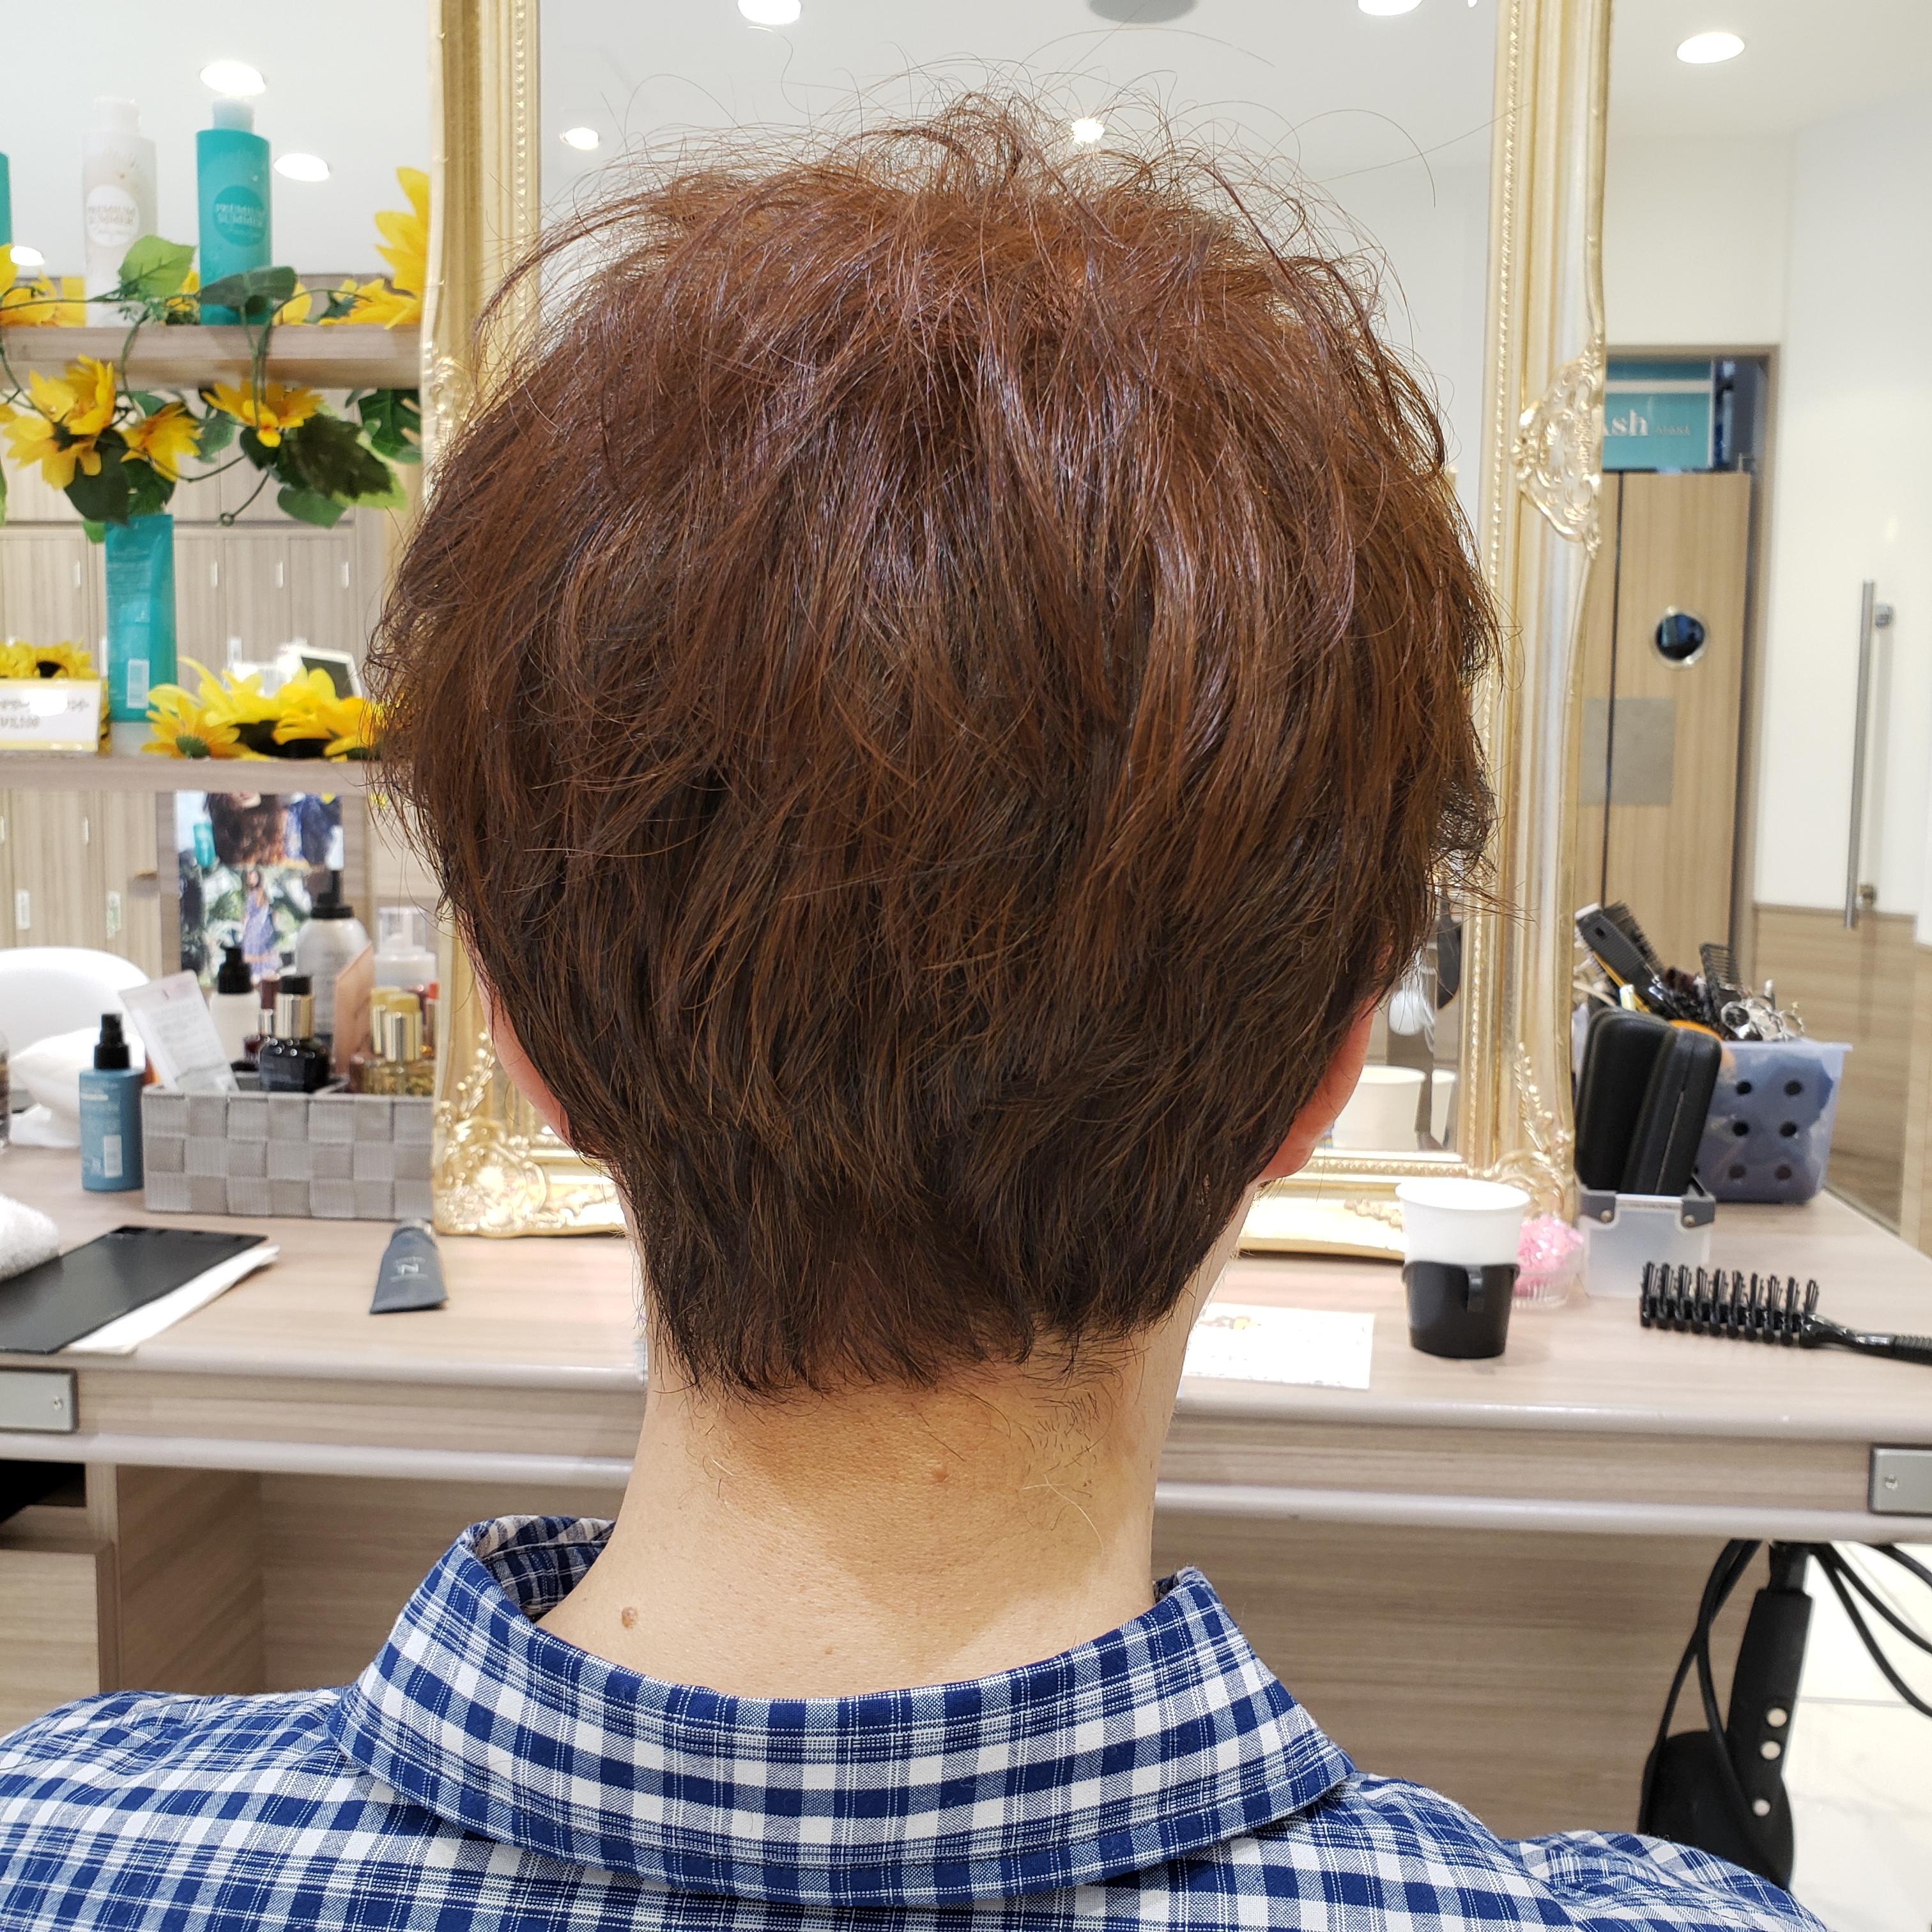 【大人で品の品ある髪型】60代髪型でショートが人気な理由は?